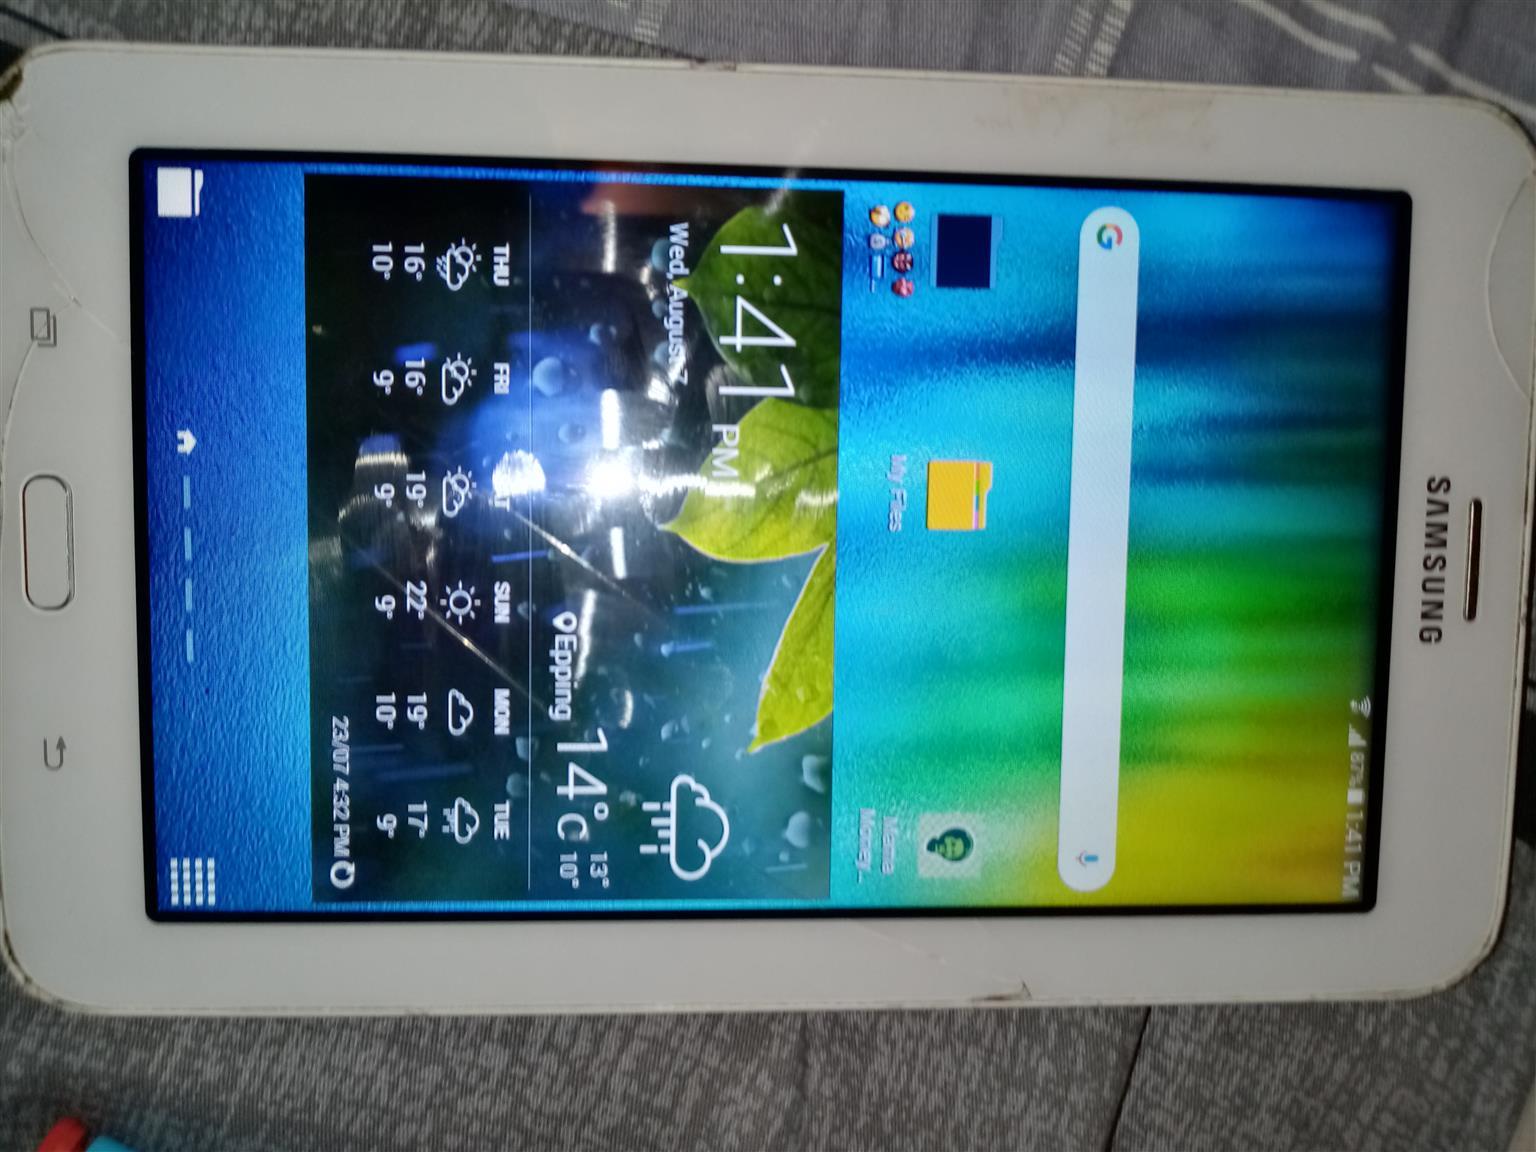 promotie laatste korting nieuwkomers Samsung galaxy tab 3 lite | Junk Mail